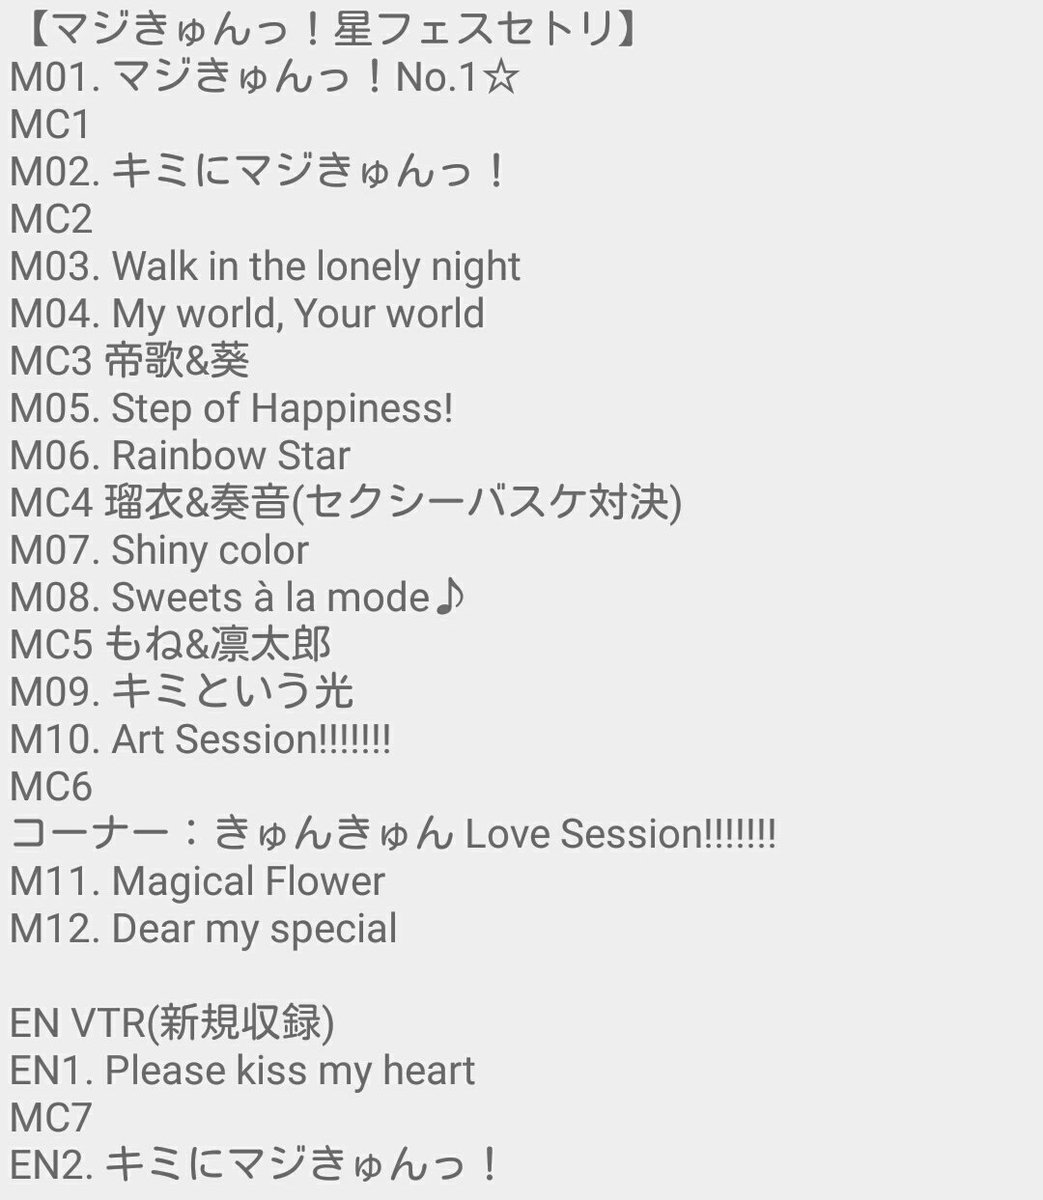 【マジきゅんっ!星フェス簡易レポ】・セットリスト/セトリ※2日目夜ラストは『Magical Flower』・M01『マ